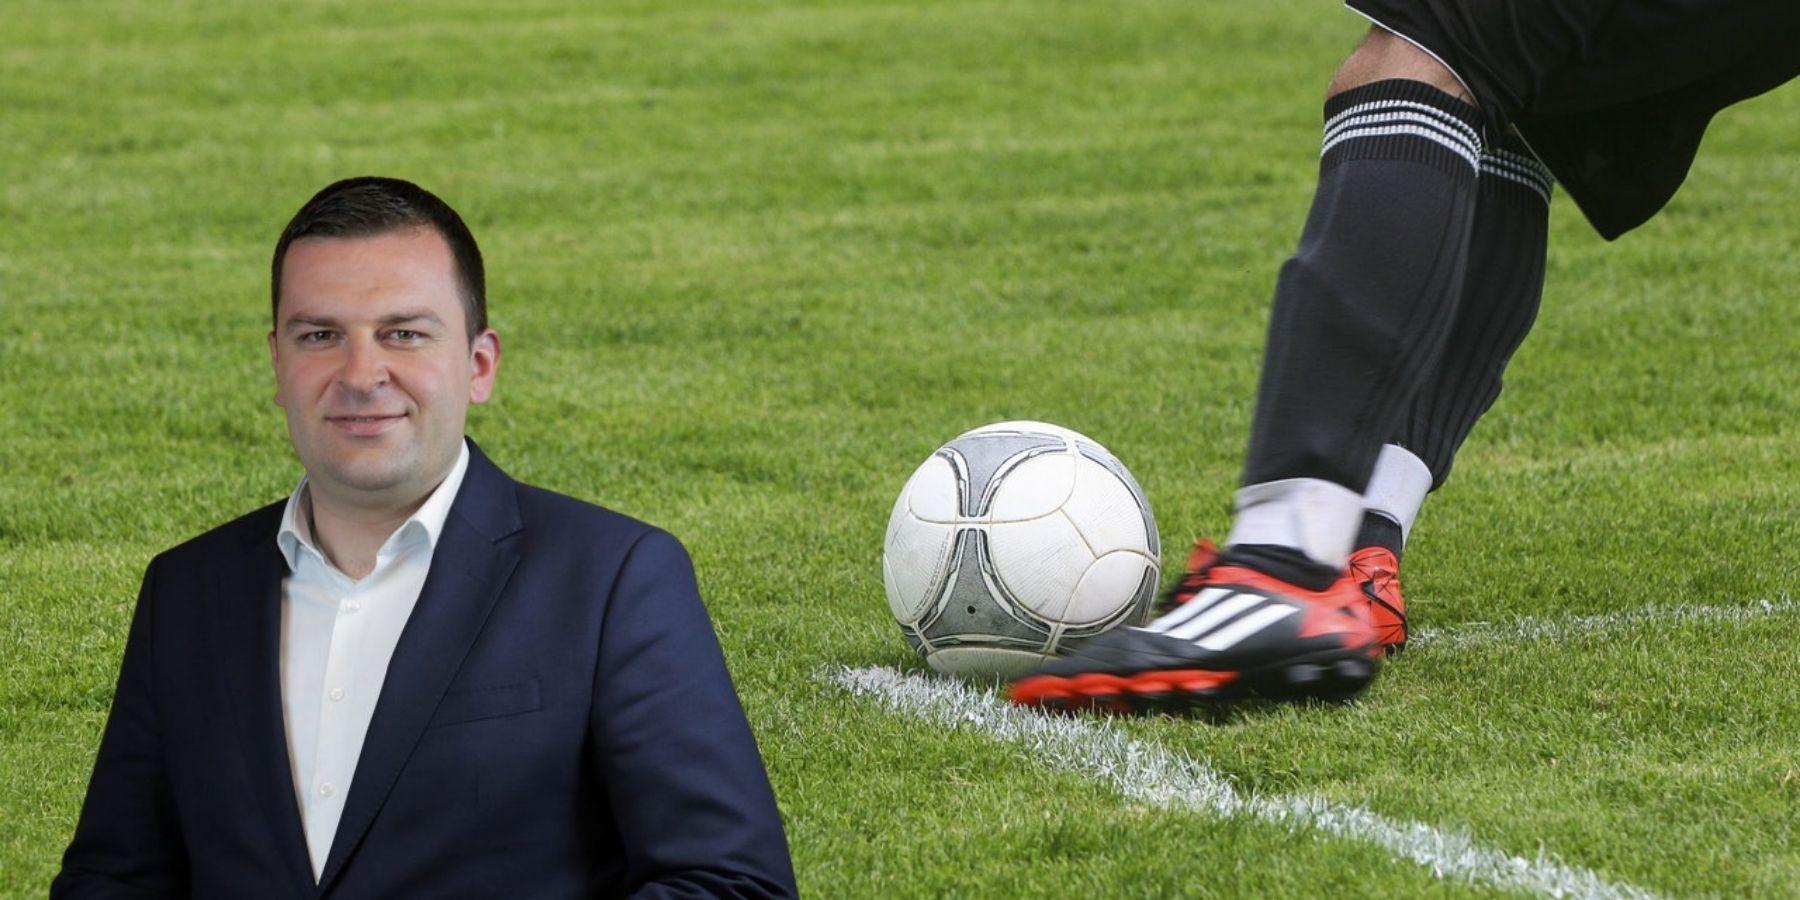 Hrebak: Grad će pomoći da Bjelovar ima dva kluba u novoj Drugoj HNL. Zaslužujemo to!